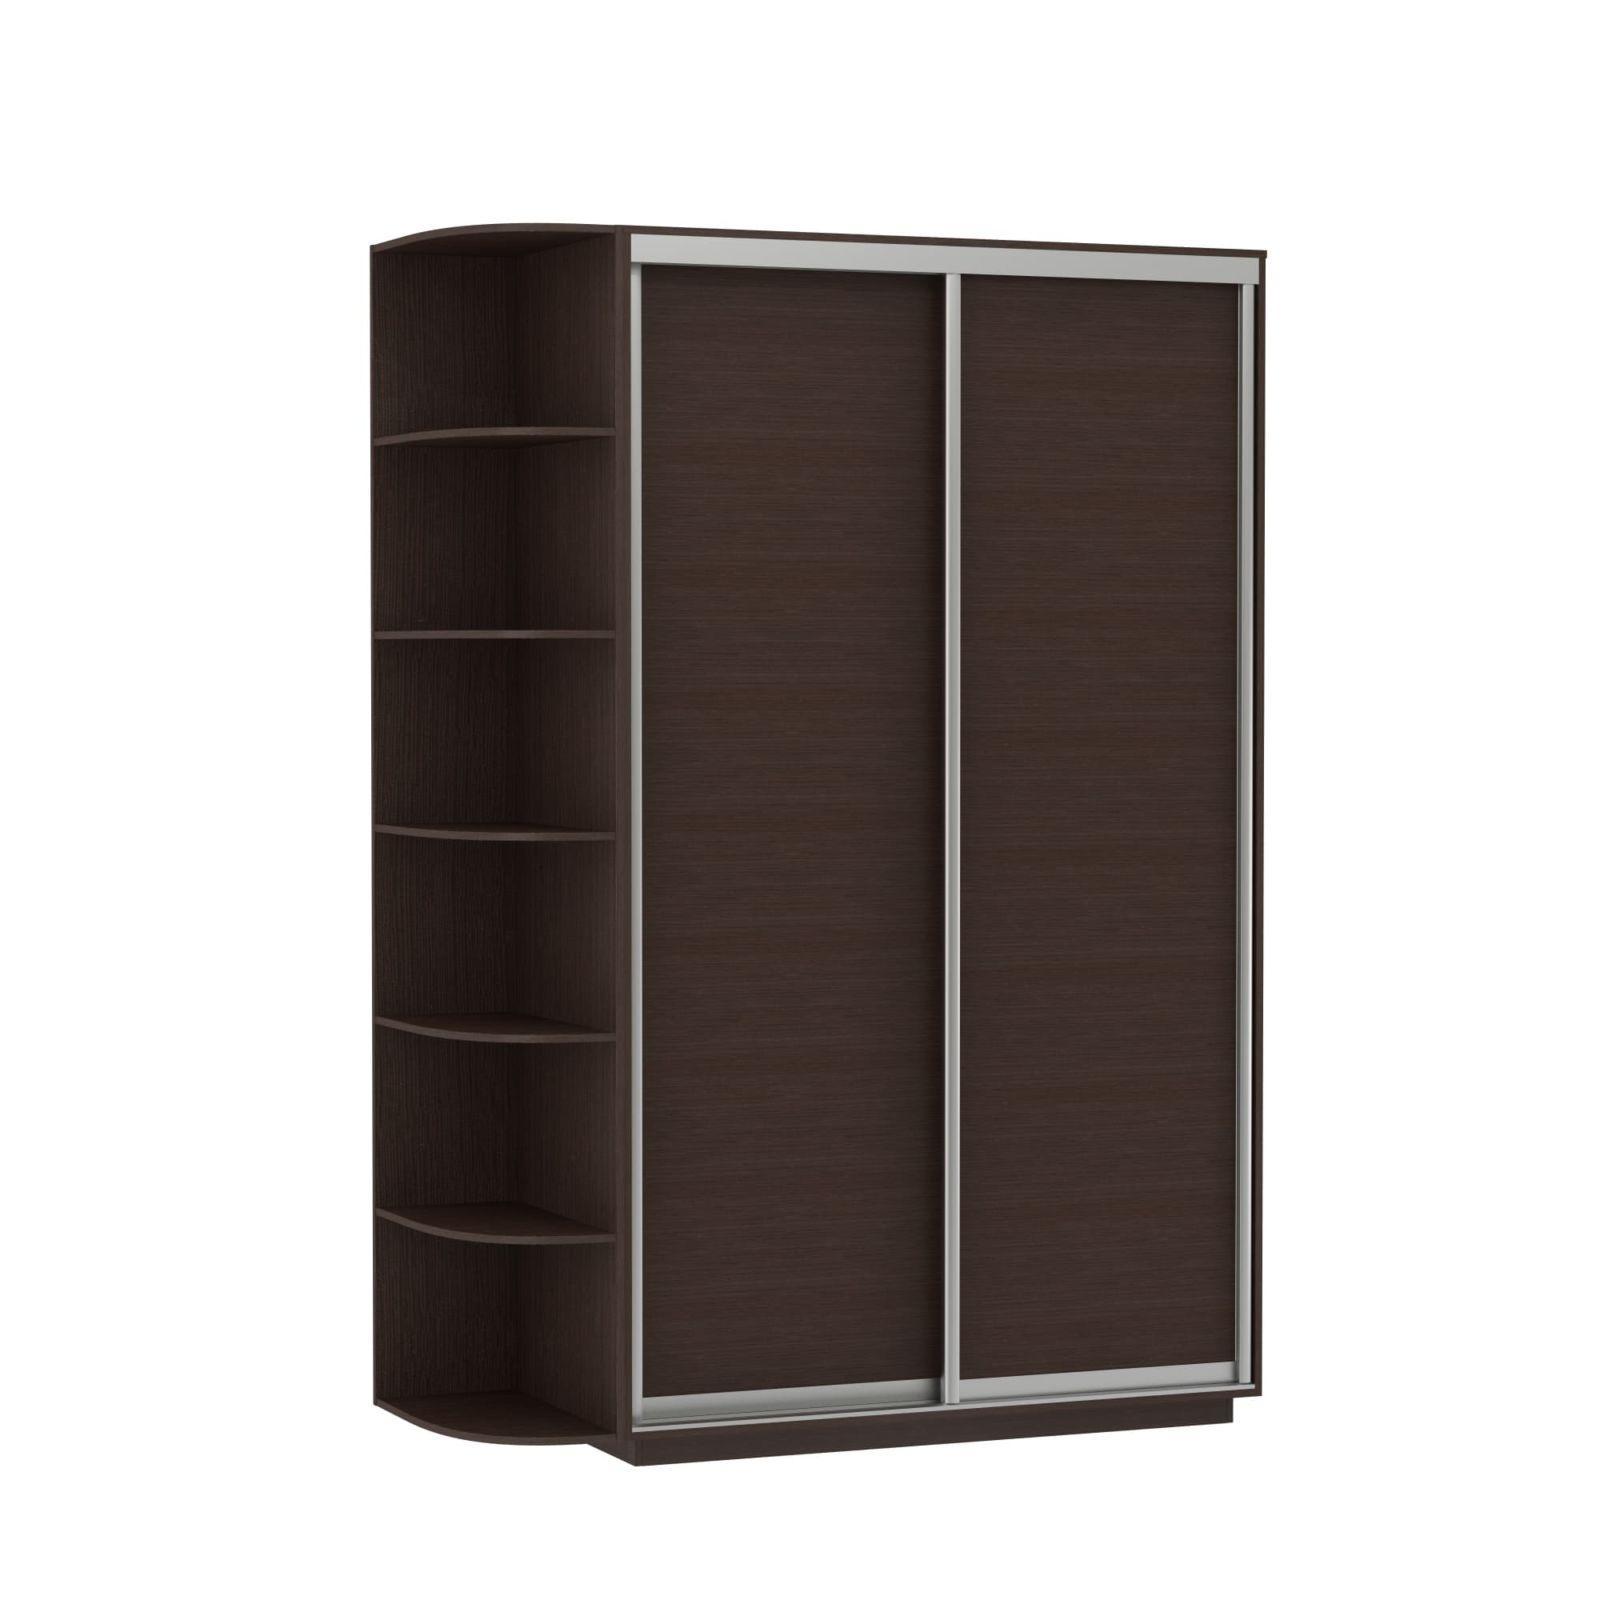 Шкафы-купе от производителя ваша мебель 36.